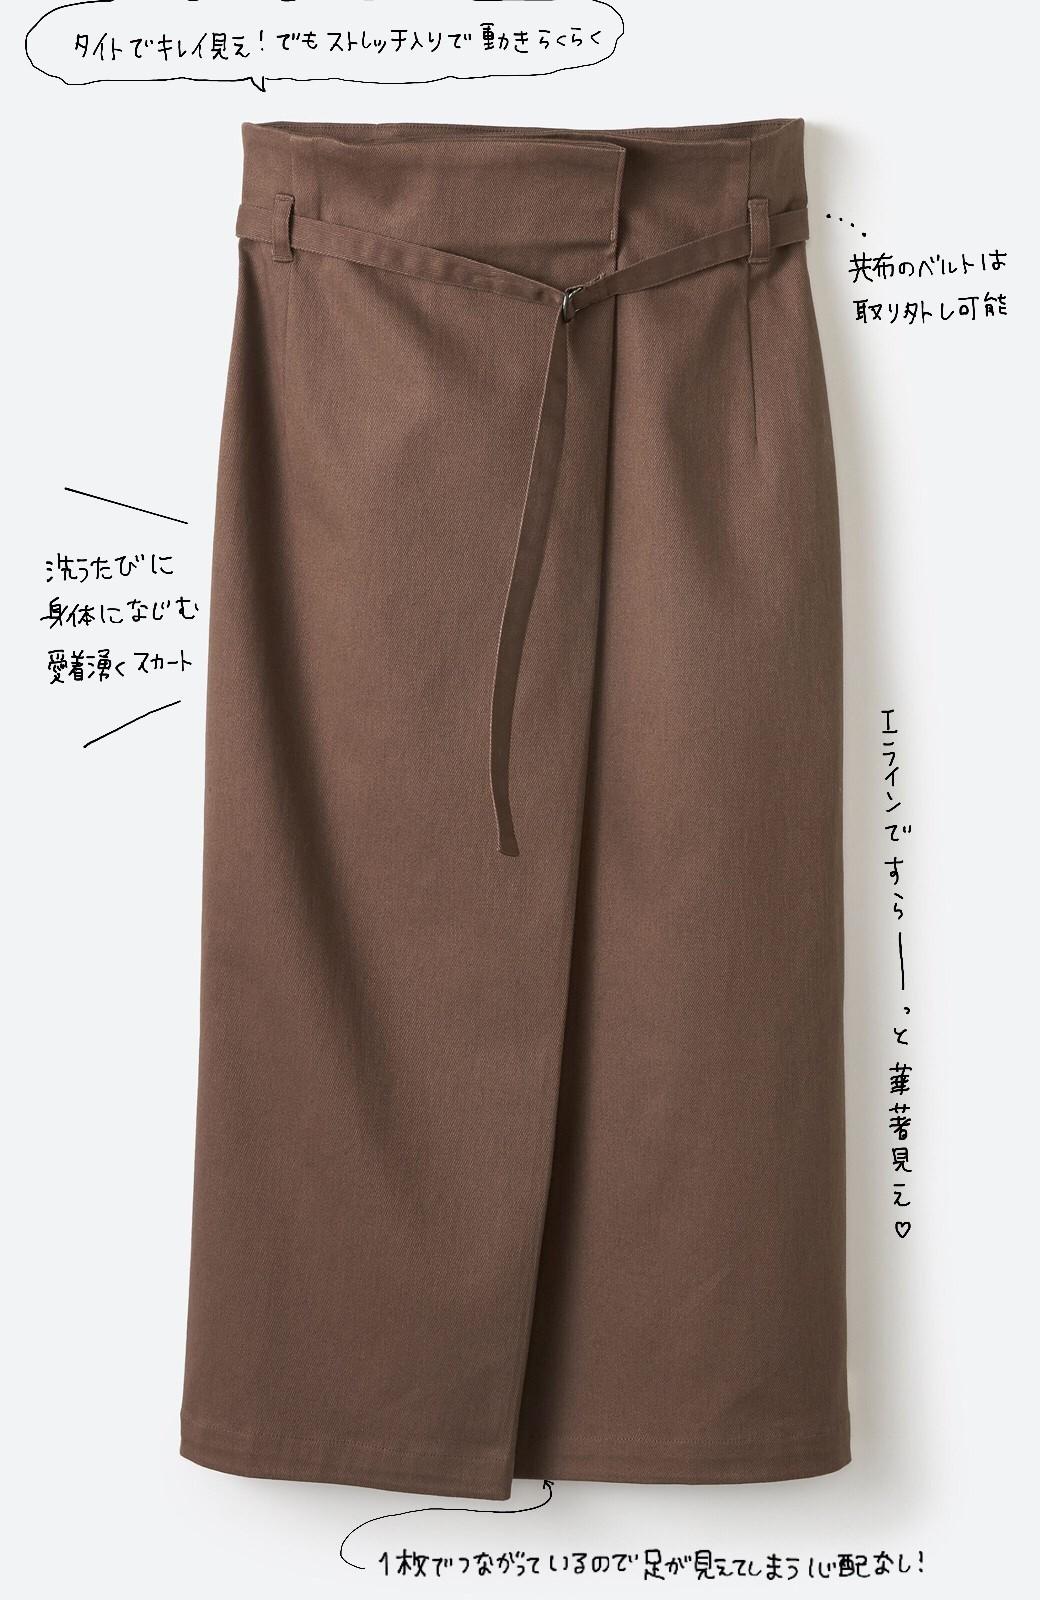 haco! 露出せずとも女っぽい すっきりシルエットが自慢のシンプルタイトスカート <ブラウン>の商品写真4